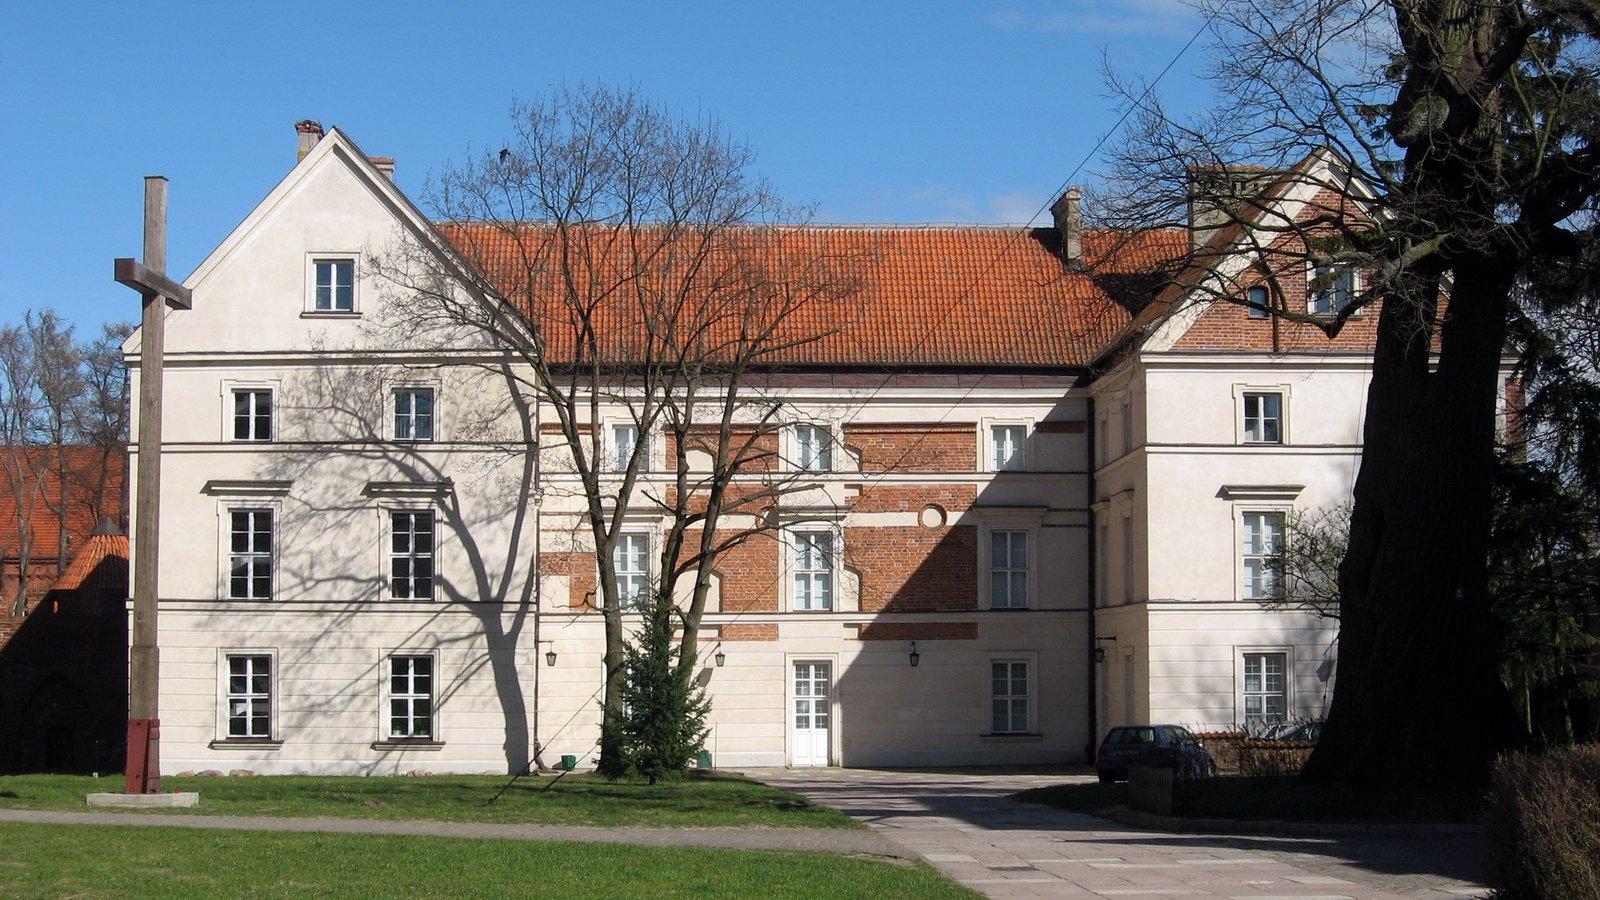 Pałac biskupi we Fromborku Pałac biskupi we Fromborku Źródło: Tomek Zakrzewski, Wikimedia Commons, licencja: CC BY-SA 3.0.